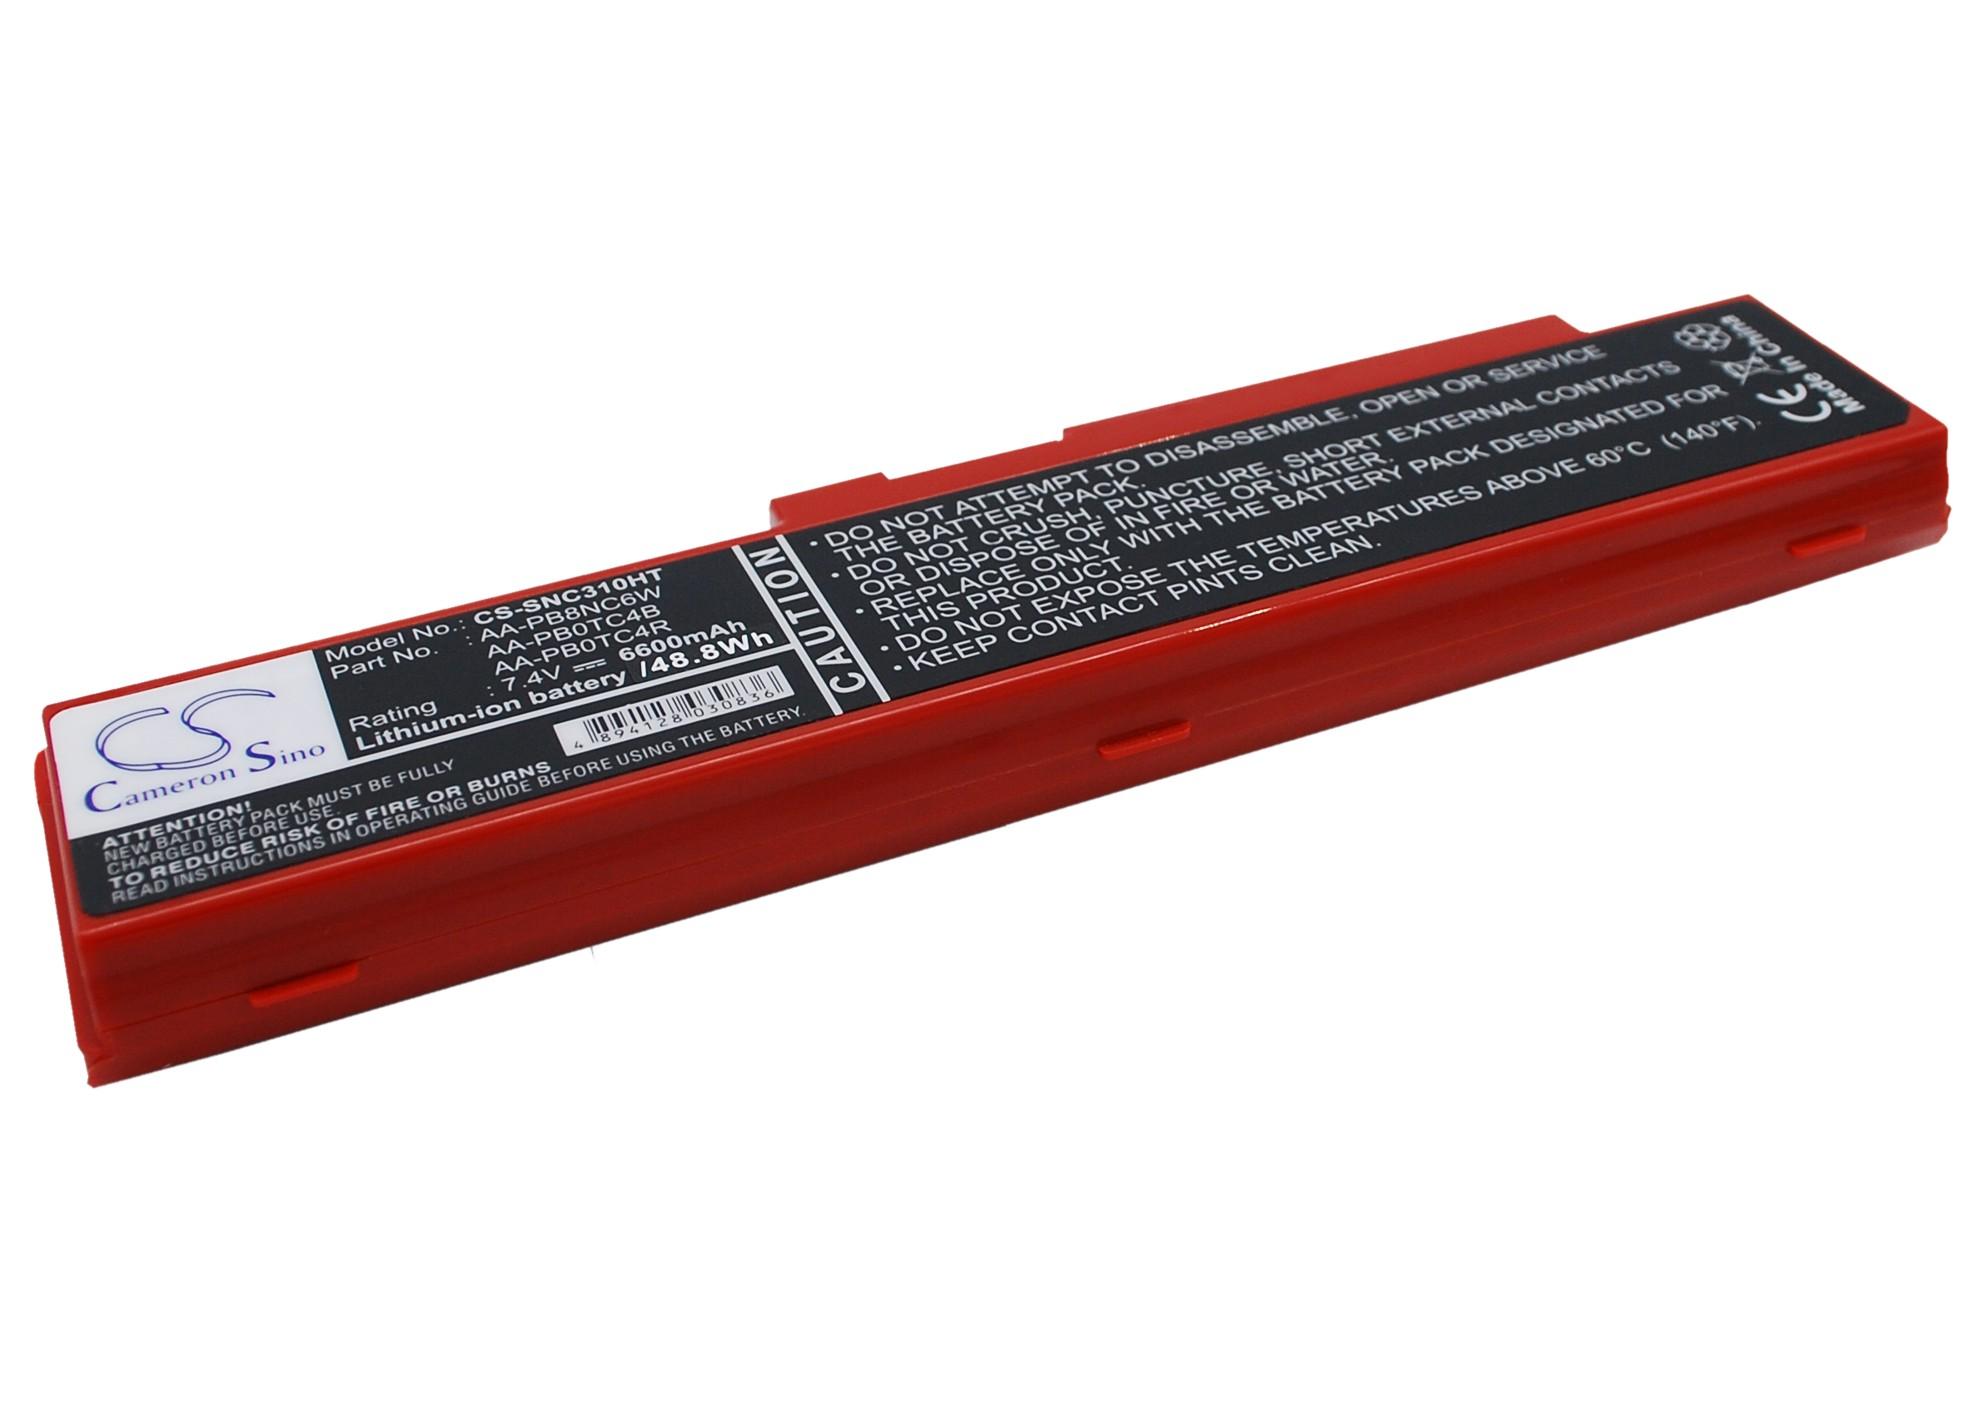 Cameron Sino baterie do netbooků pro SAMSUNG NP-X120-JA01UK 7.4V Li-ion 6600mAh červená - neoriginální